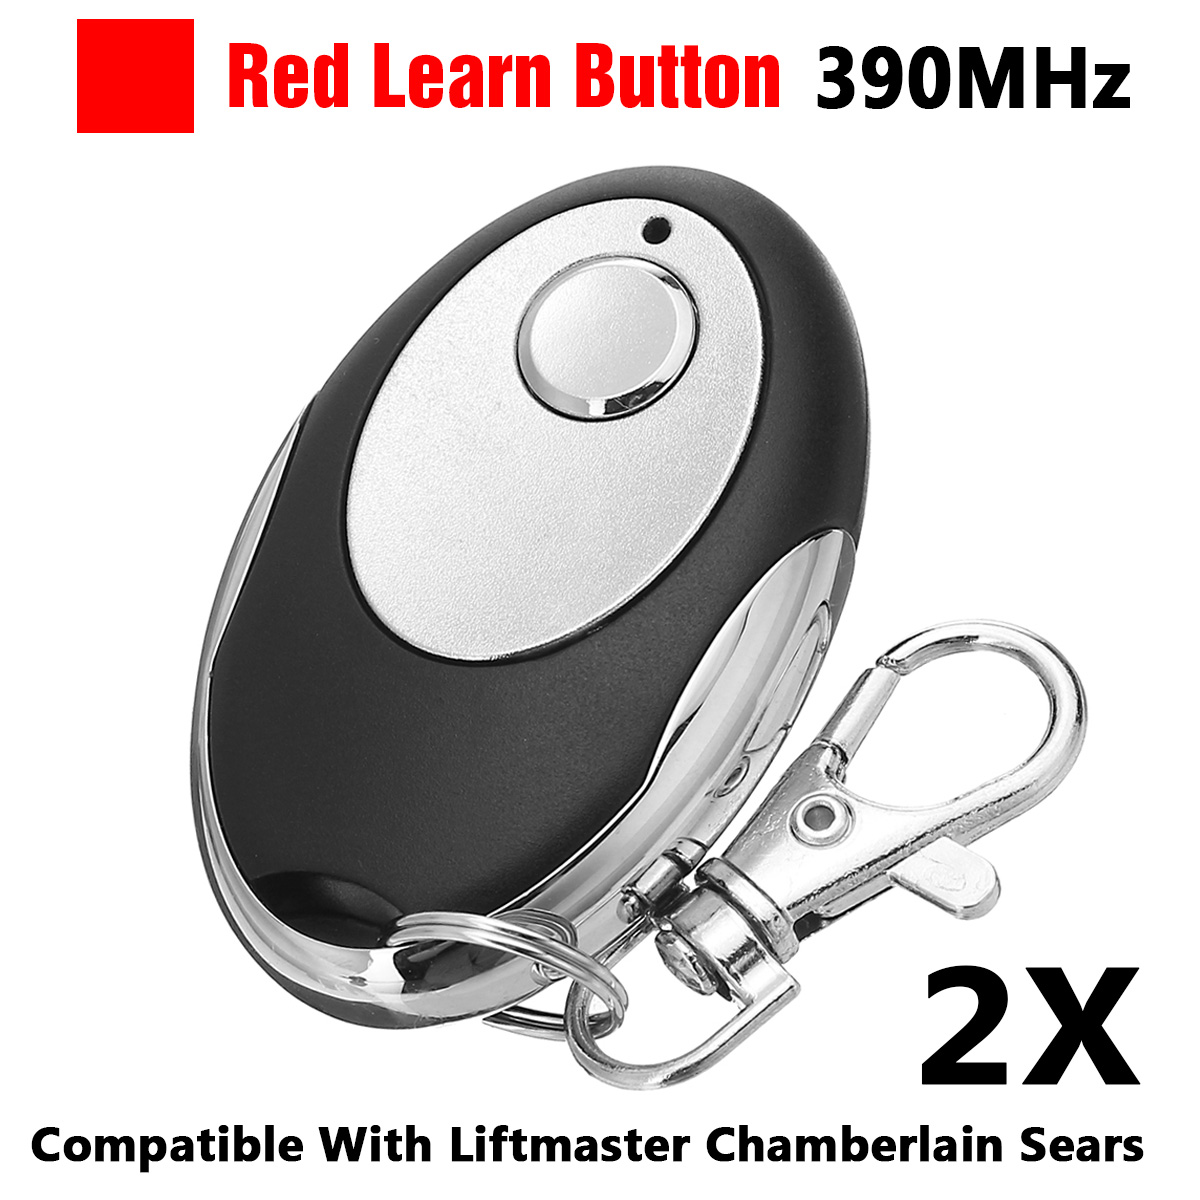 2 pces 1b 390 mhz abridor de porta da garagem remoto vermelho aprender botão para chamberlain sears liftmaster craftsman 971lm 972lm 973lm 970lm